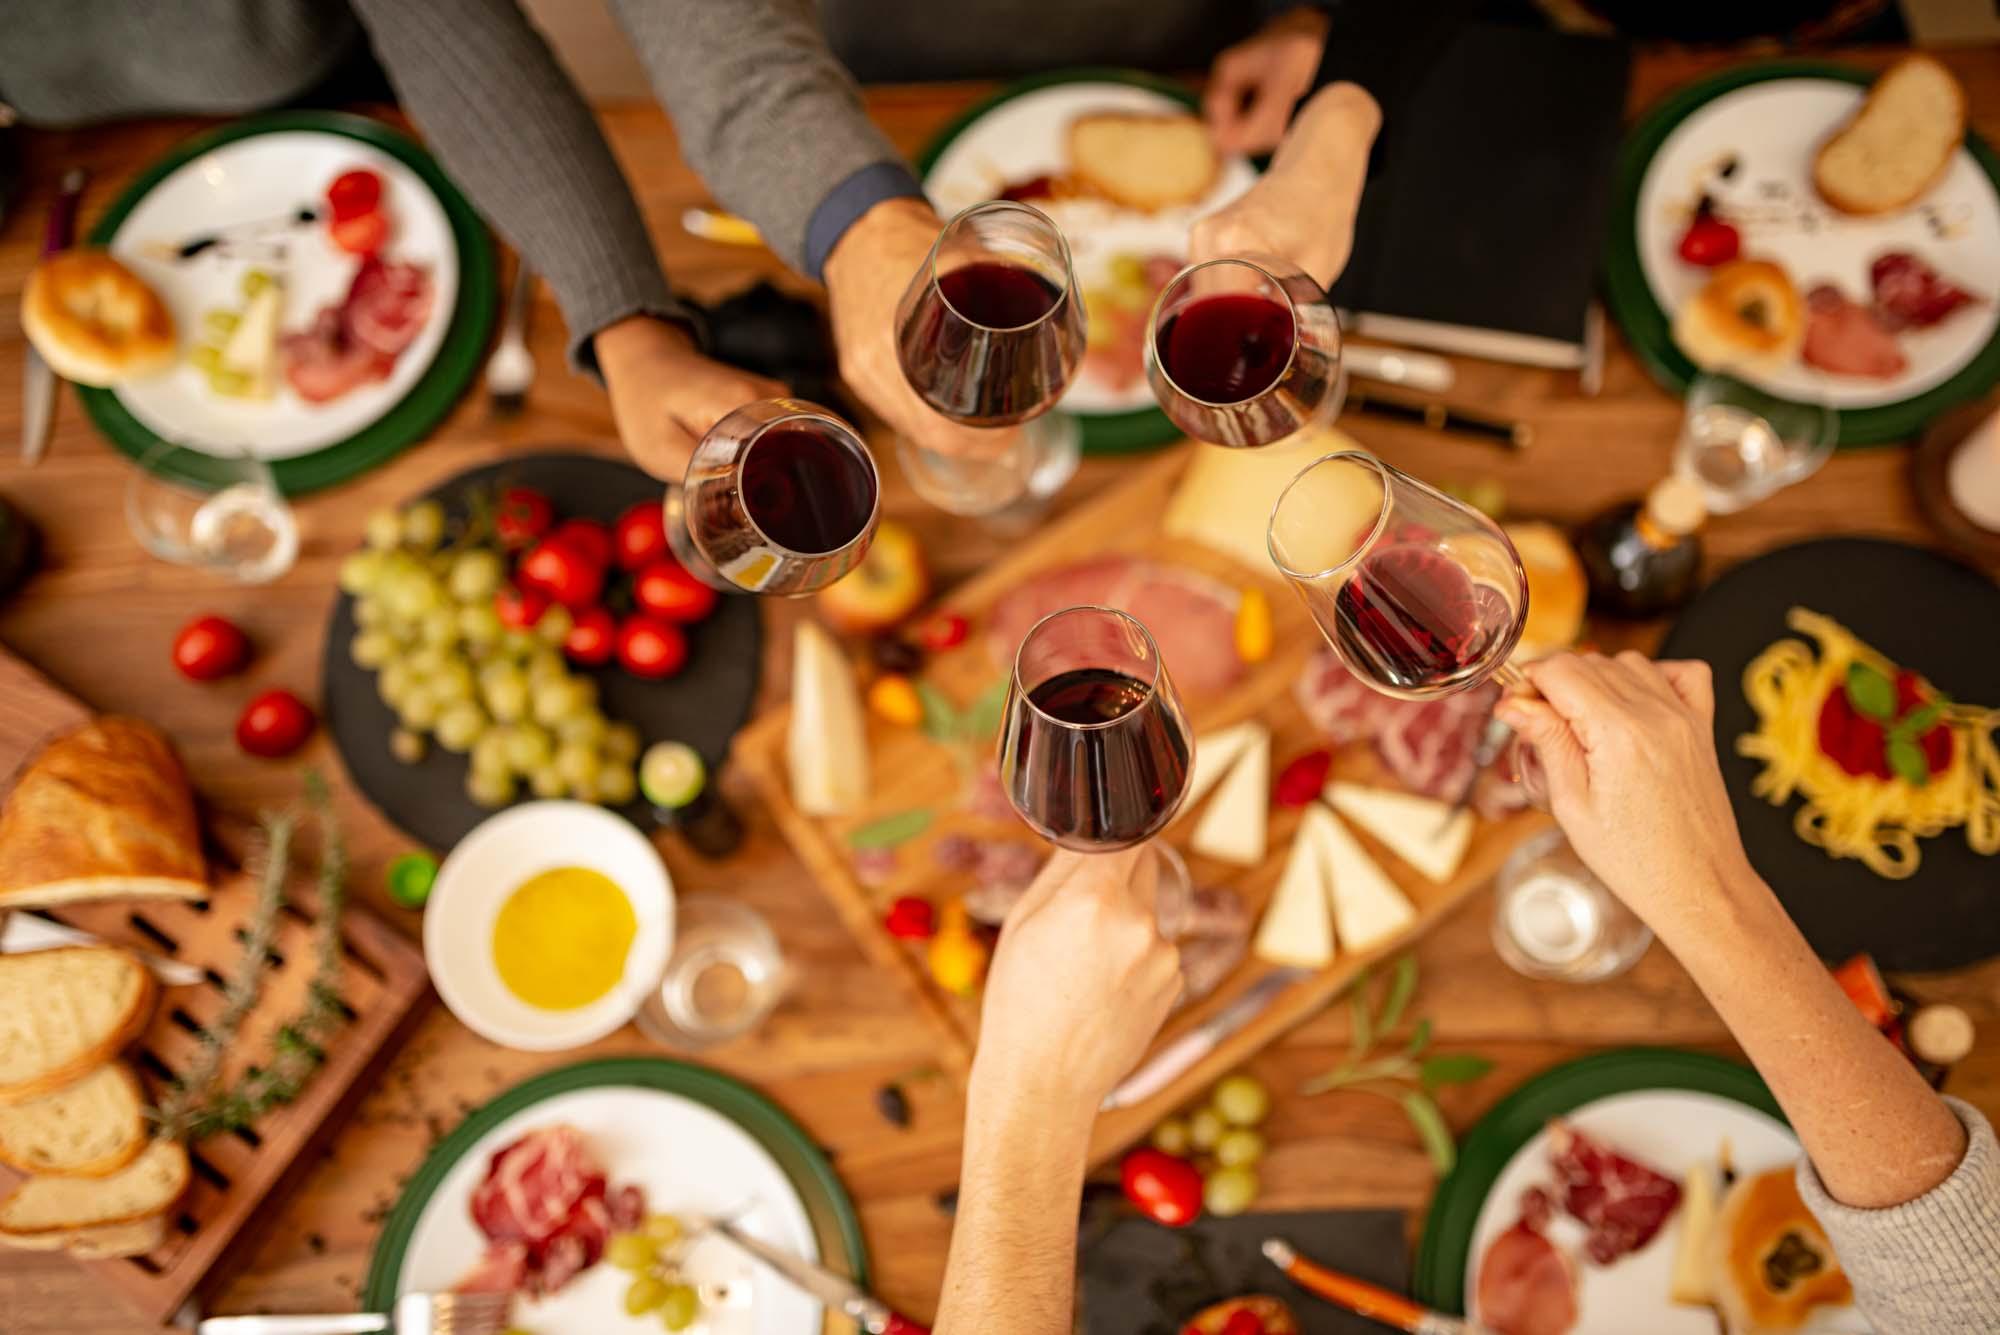 Cucina Amatoriale Cene Aziendali a Venezia